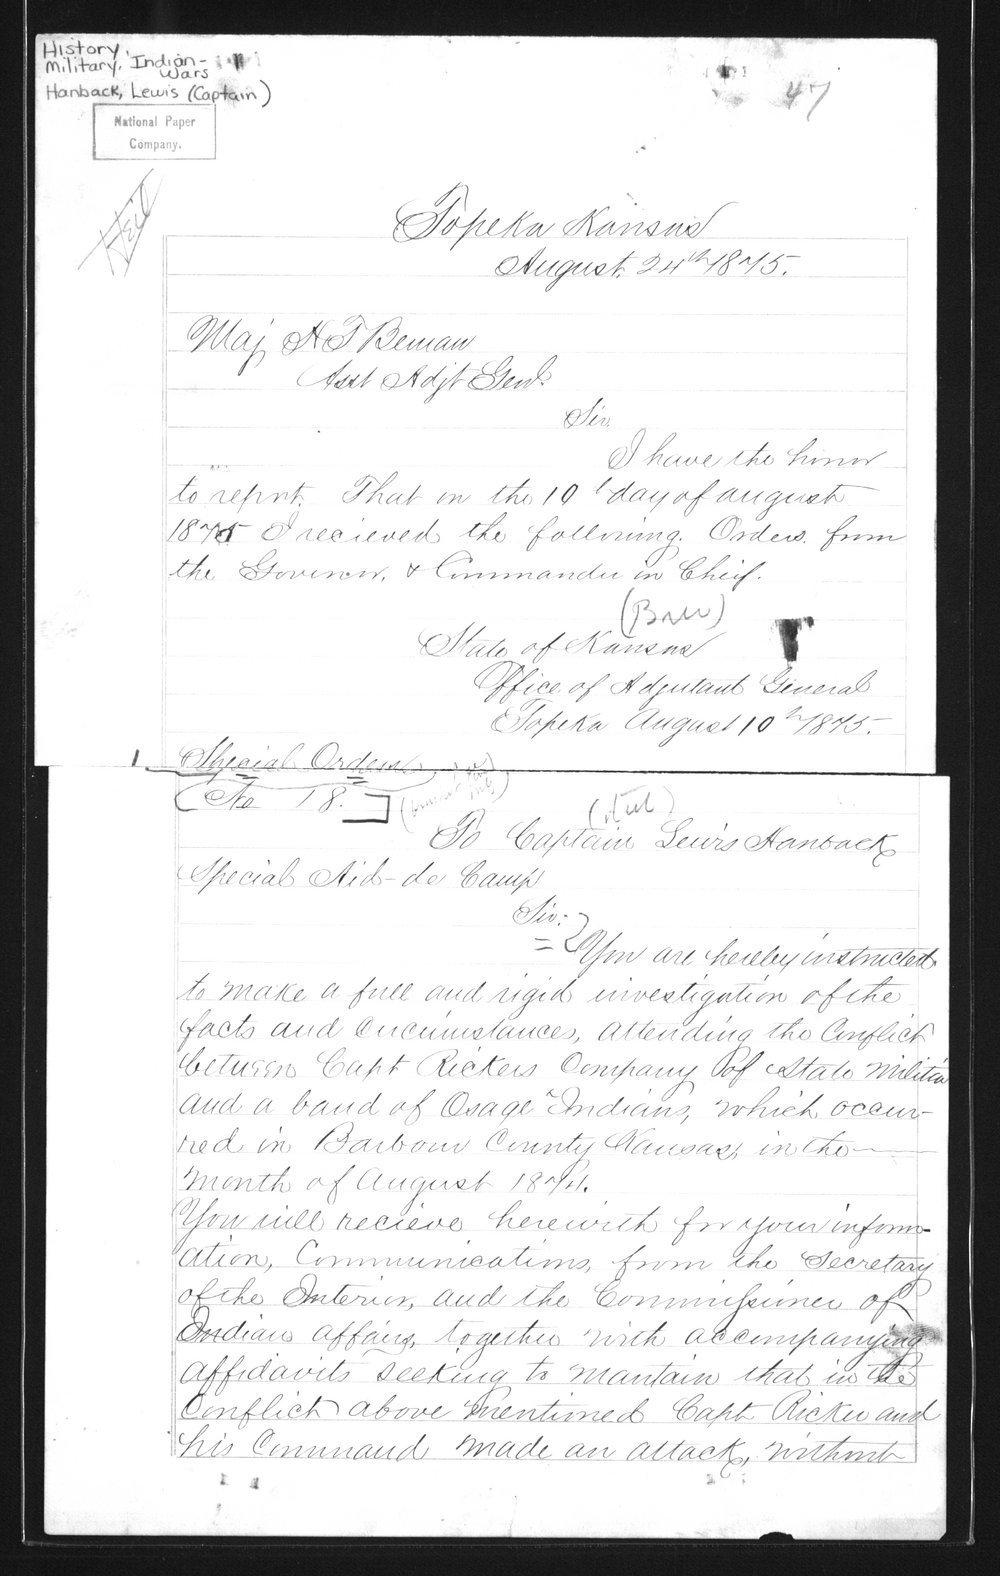 Captain Lewis Hanback's final report - 47